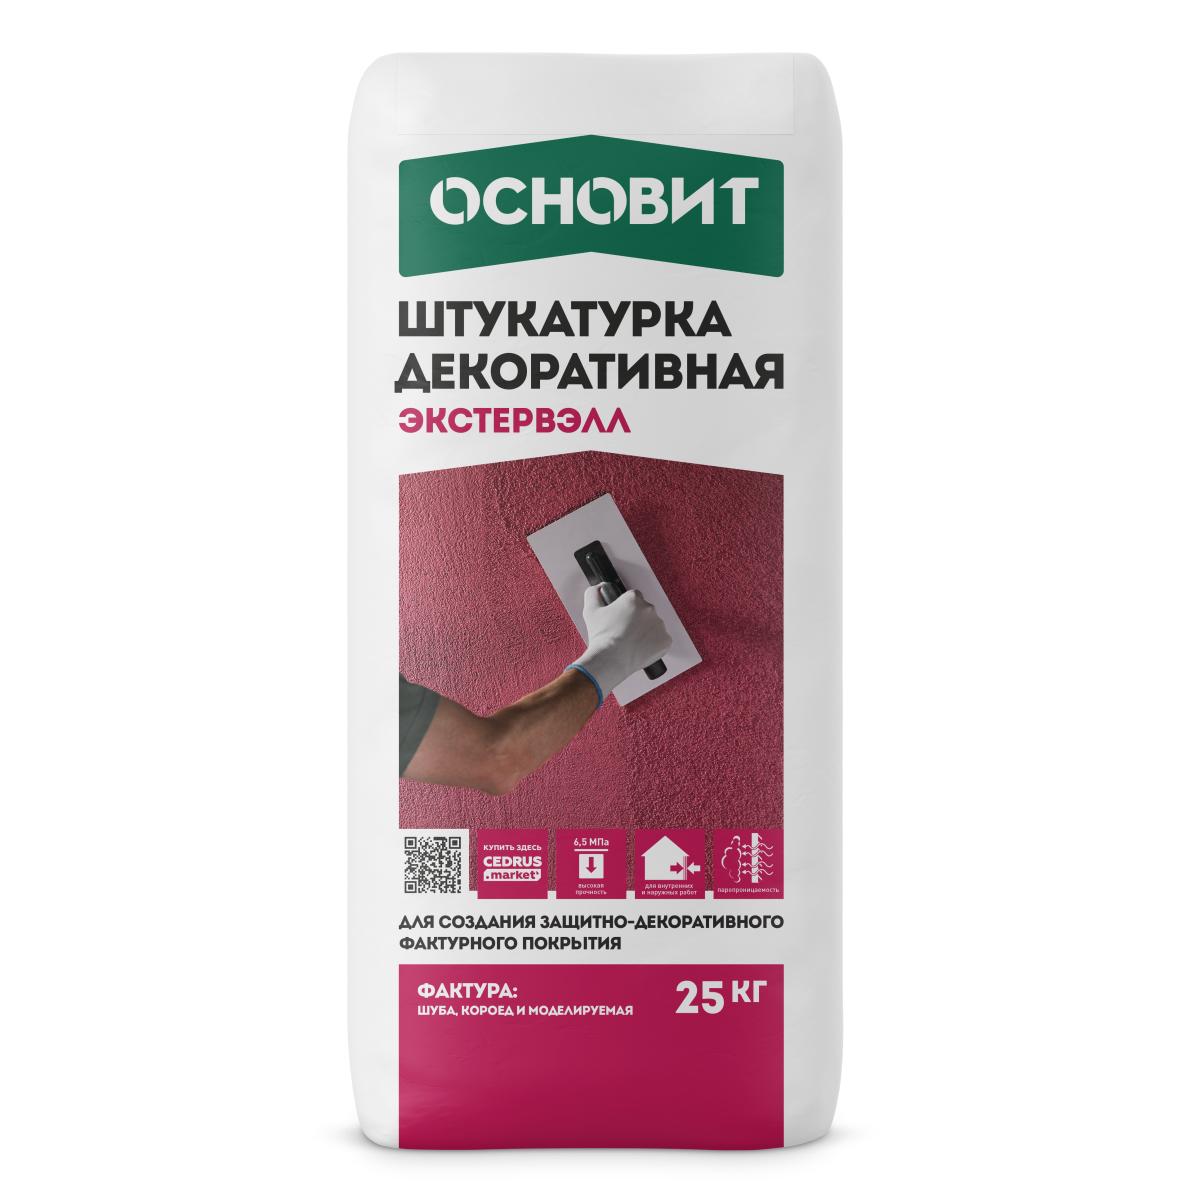 Интернет магазин массажер россия отзыв о магазине женского белья